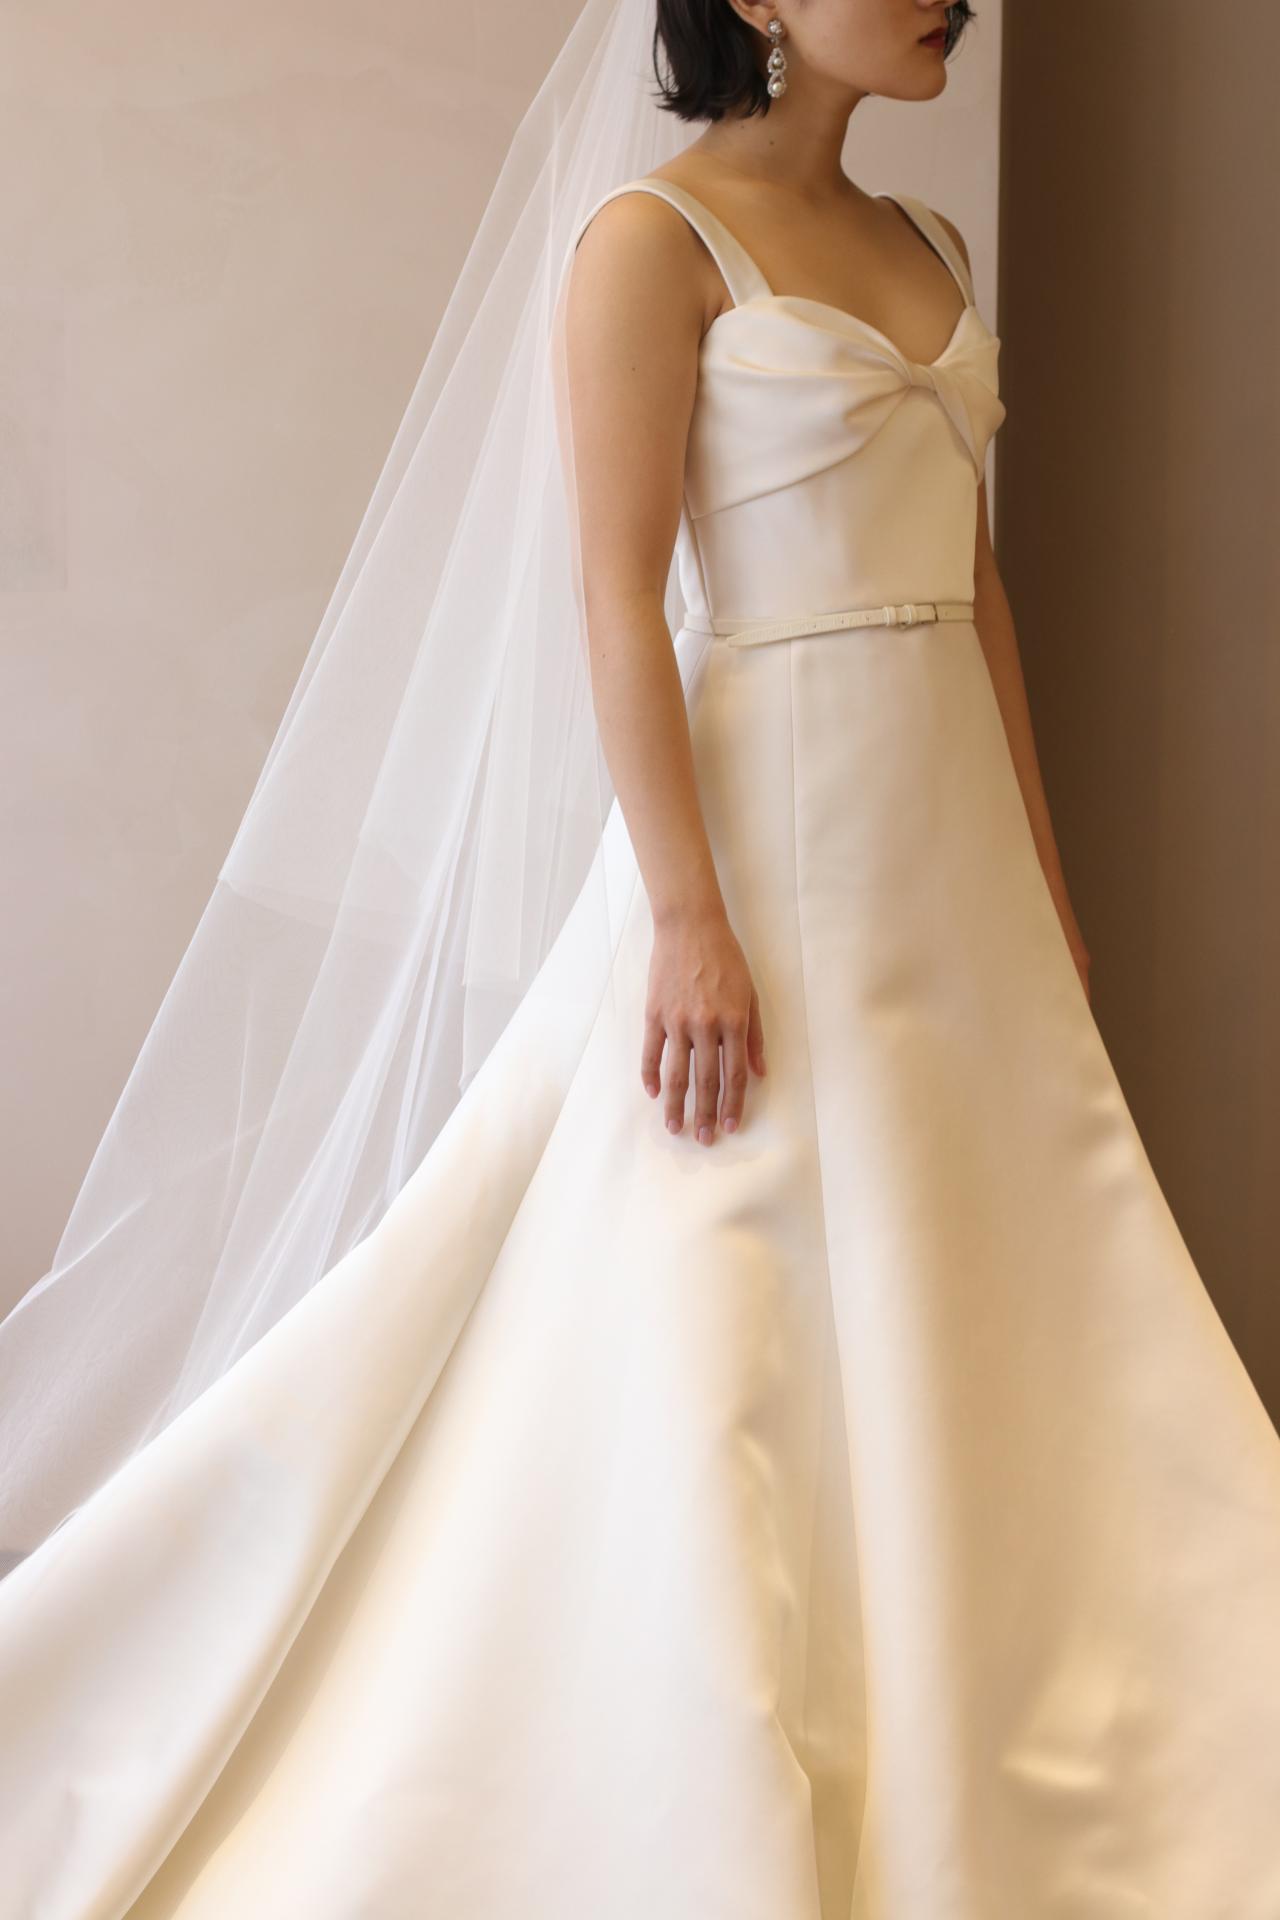 東京の人気ドレスショップTHETREATDRESSINGアディション店からご紹介させていただくのは、上質なシルクサテンを使用した王道なAラインが美しい新作のウェディングドレスです